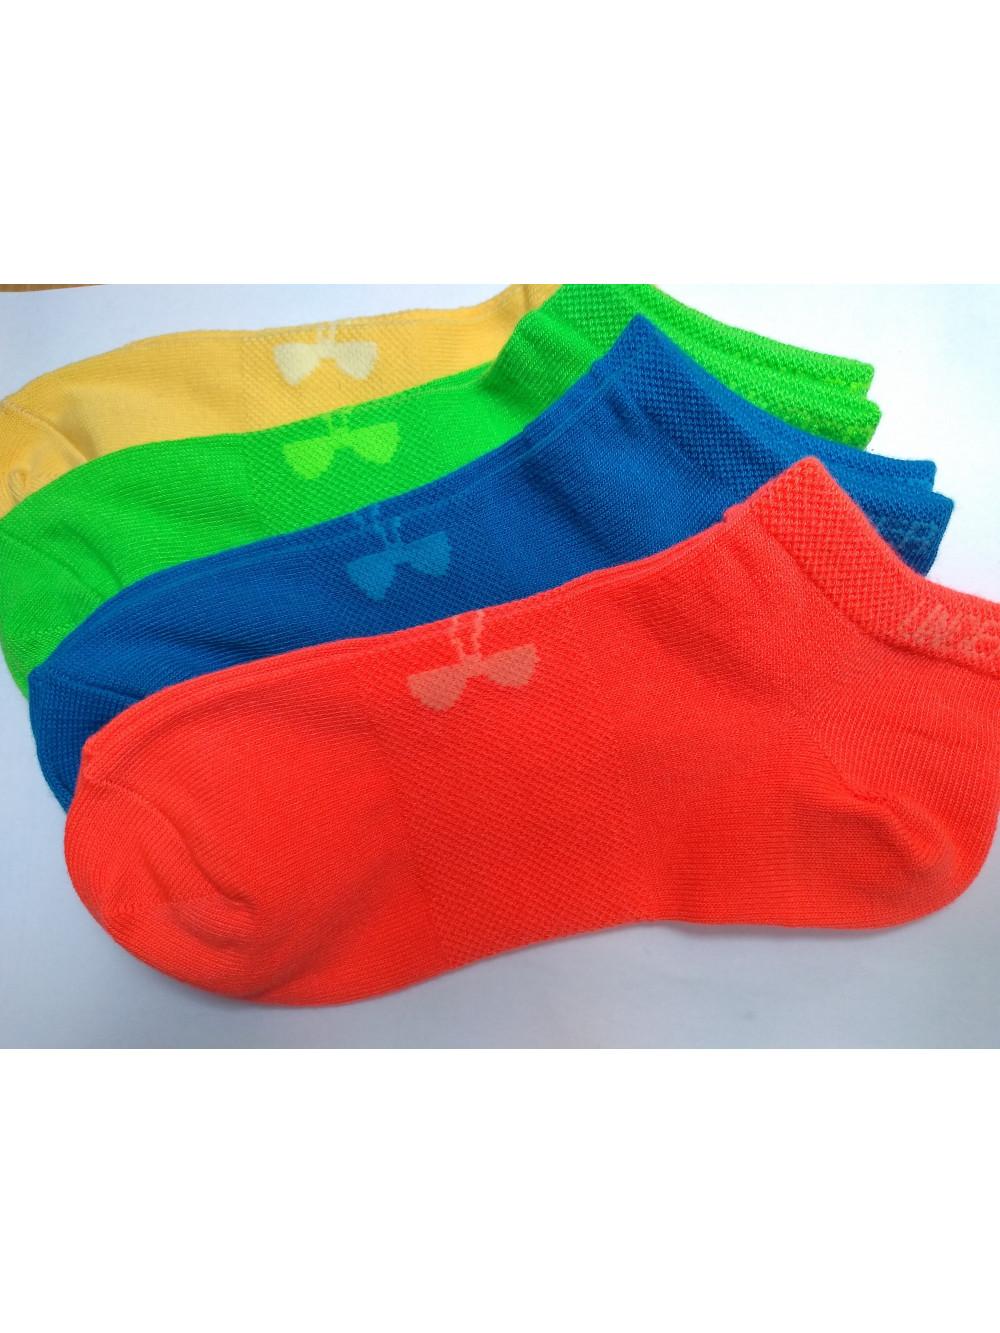 Damen Knöchelsocken Under Armour niedrige 4pack- grün, orange, blau, gelb